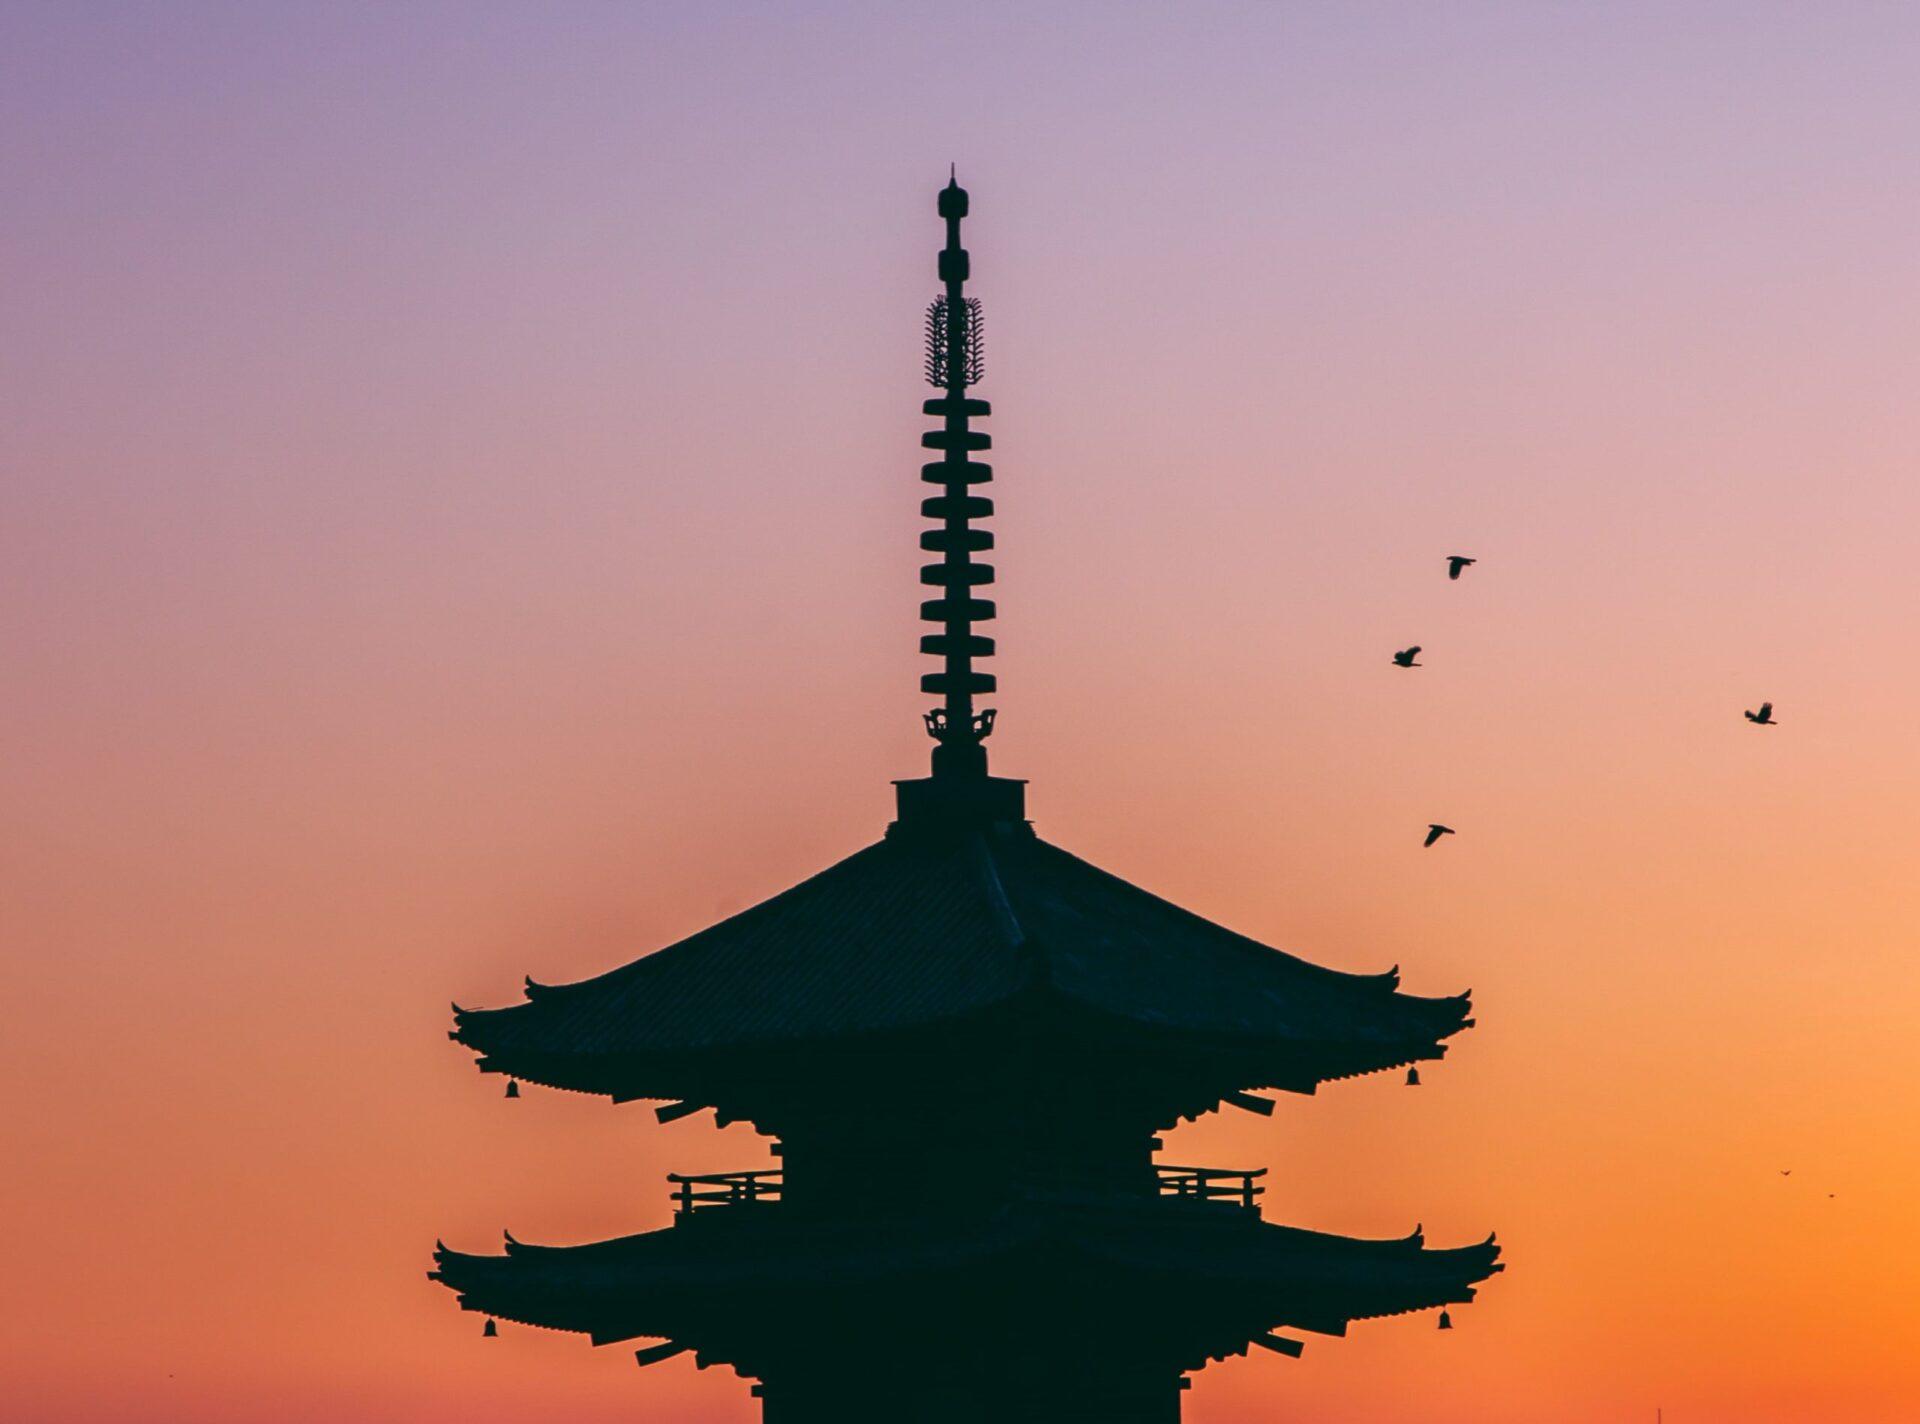 まとめ【1300年以上経っても法隆寺の建築技術は素晴らしい】